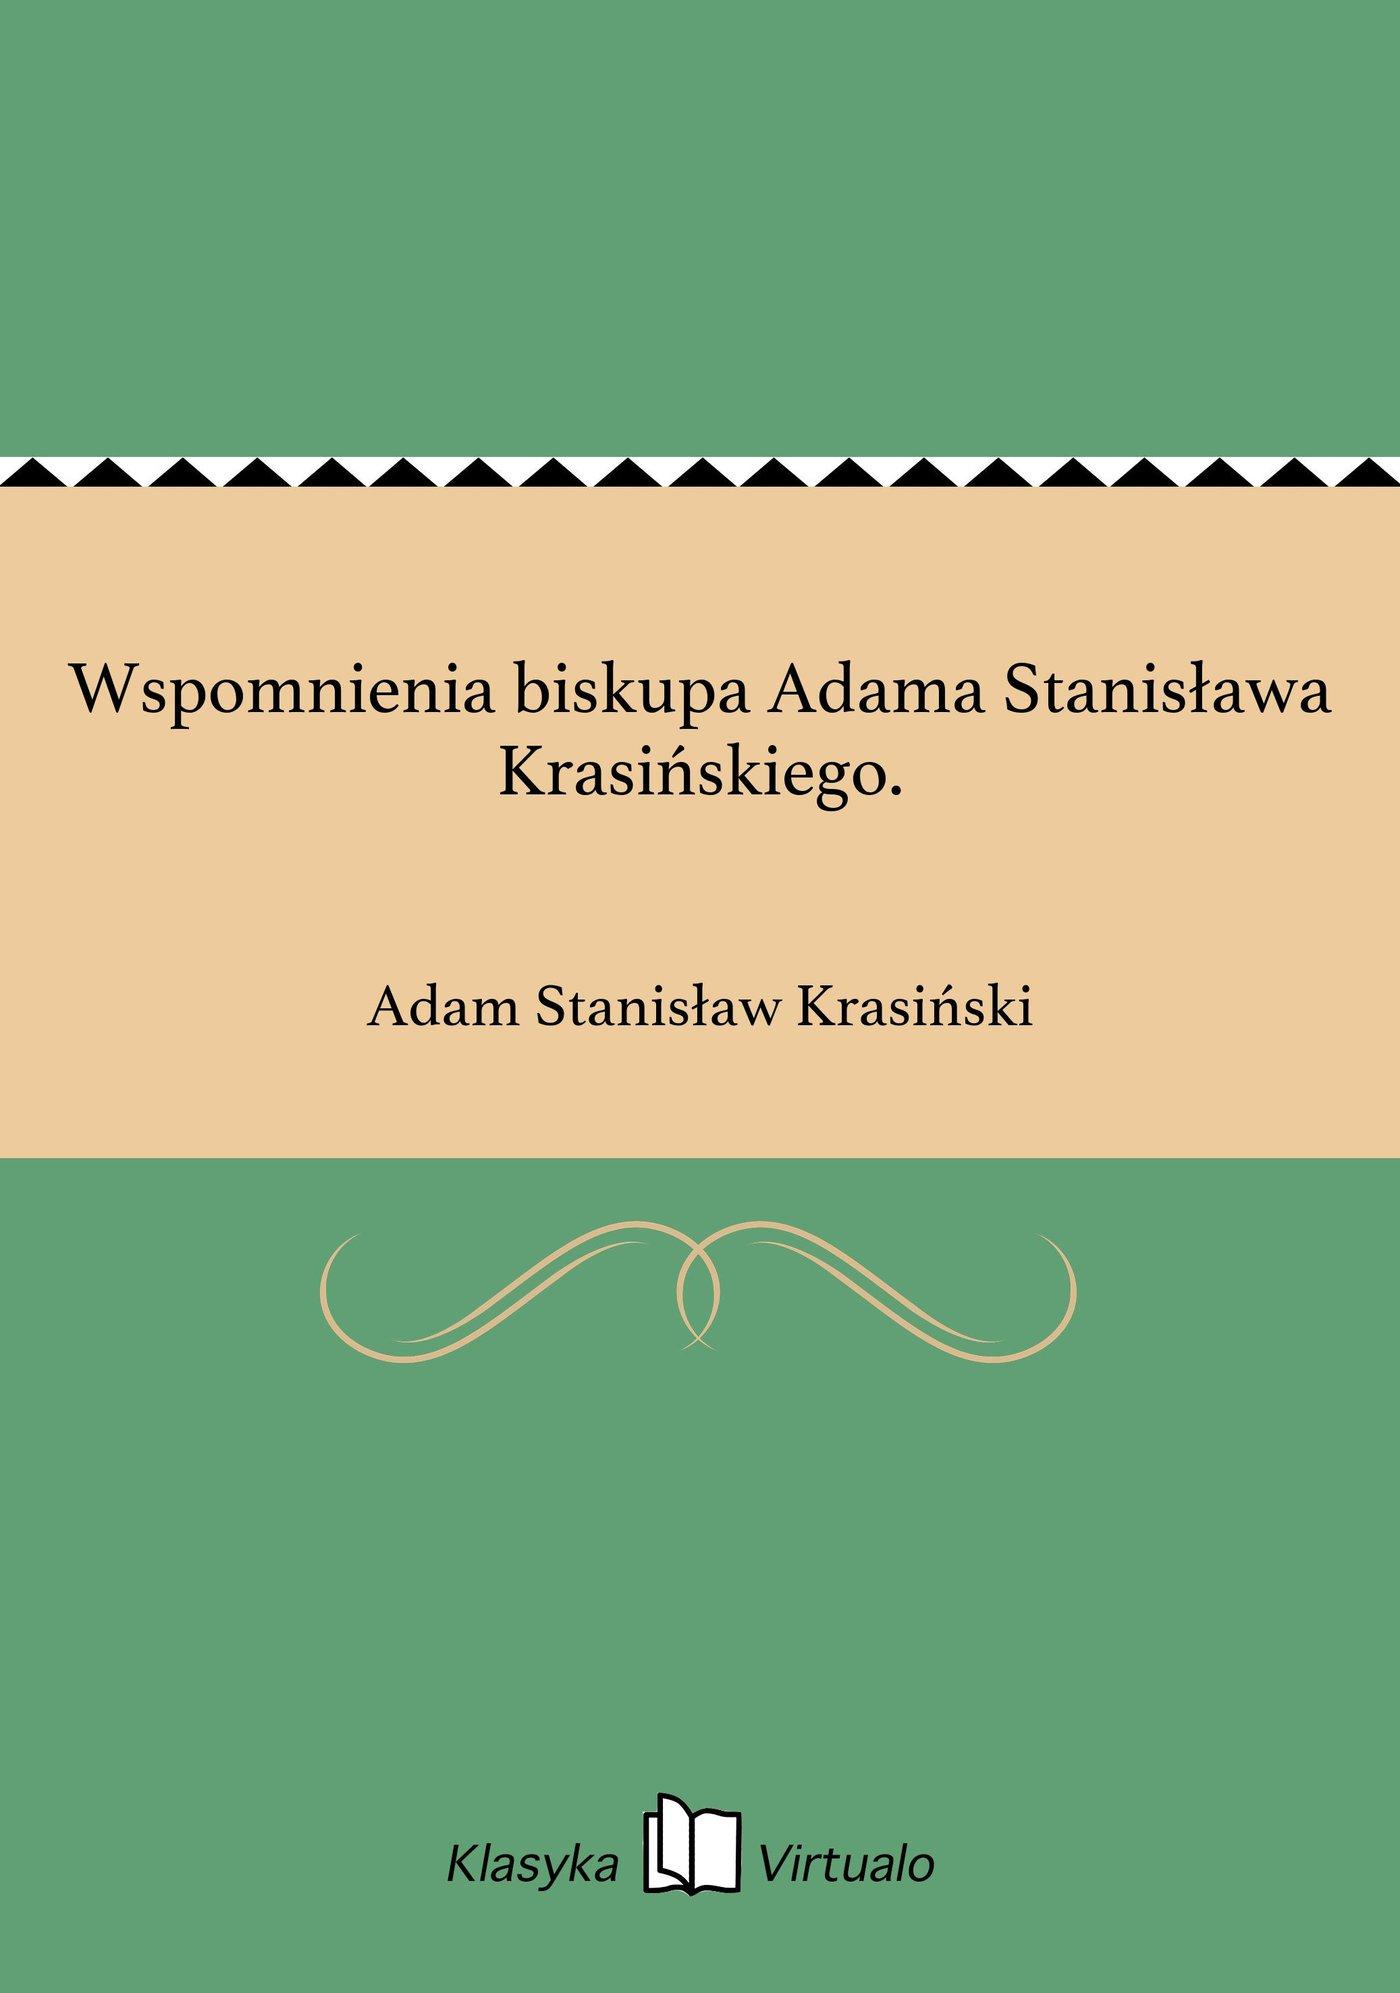 Wspomnienia biskupa Adama Stanisława Krasińskiego. - Ebook (Książka EPUB) do pobrania w formacie EPUB